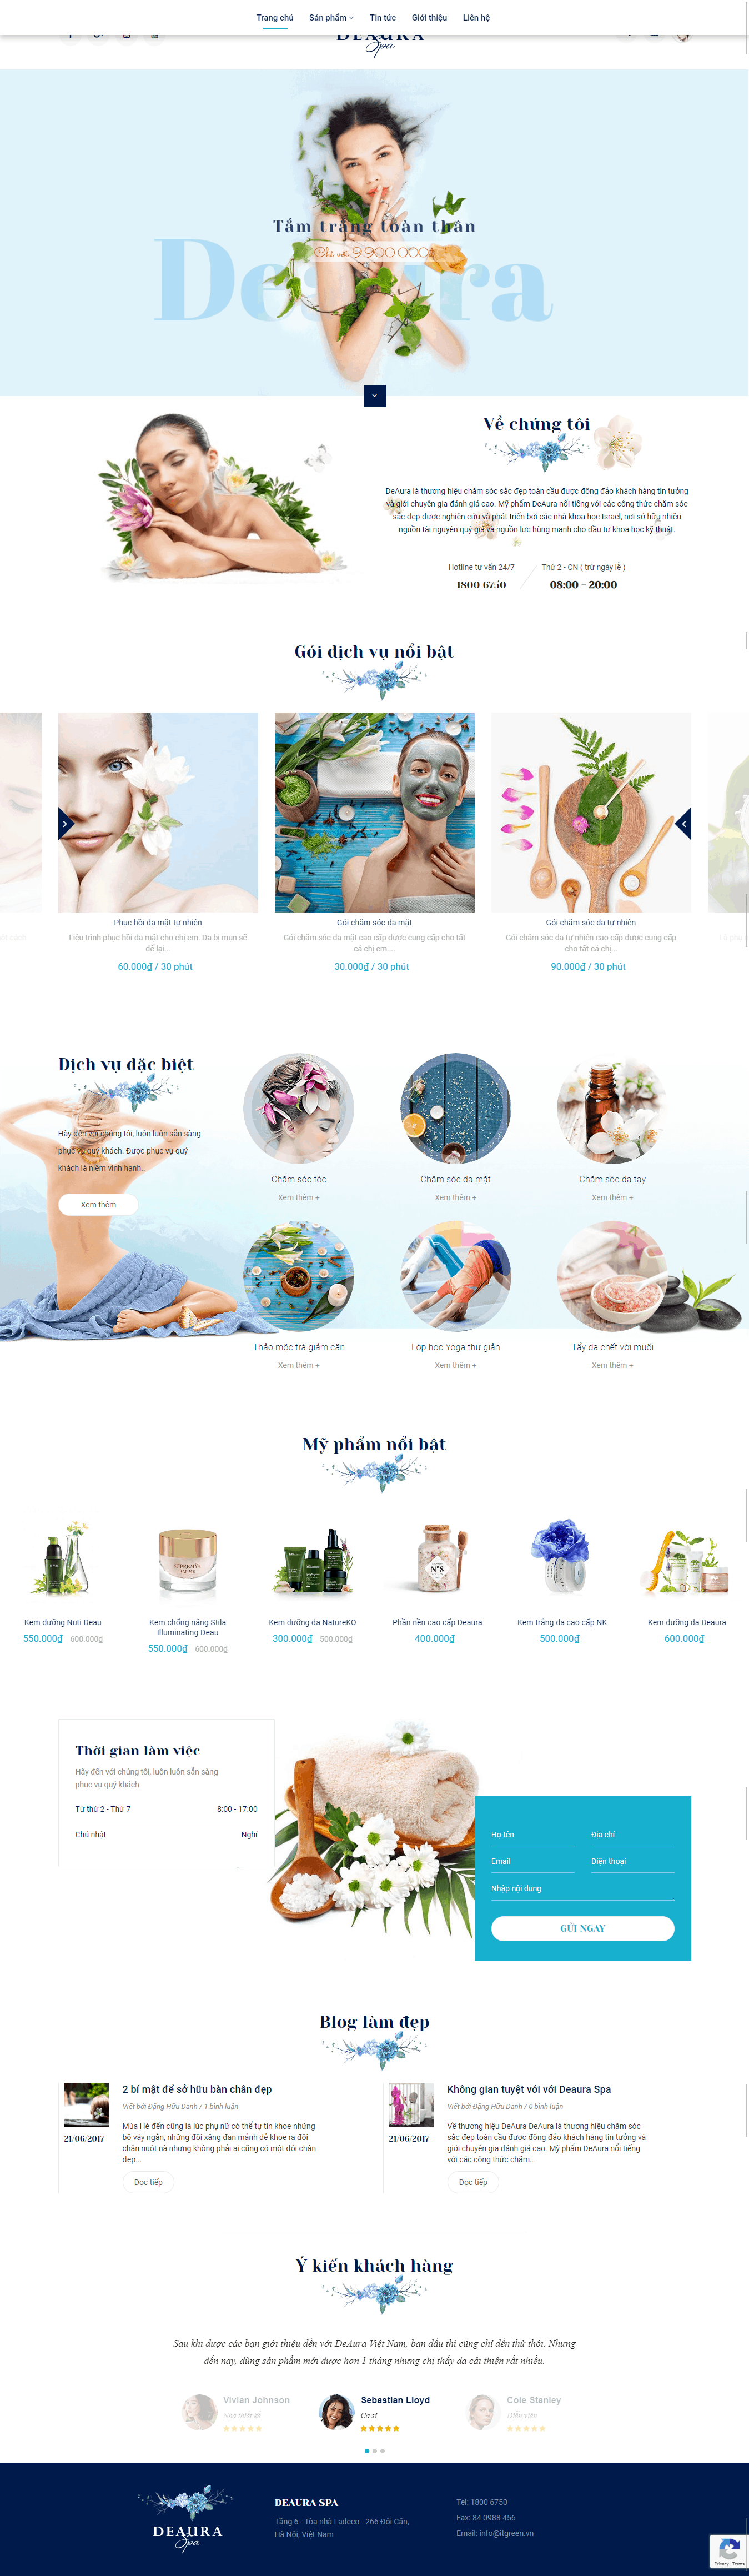 Thiết kế website Thiết kế website spa thẩm mỹ viện Deaura Spa